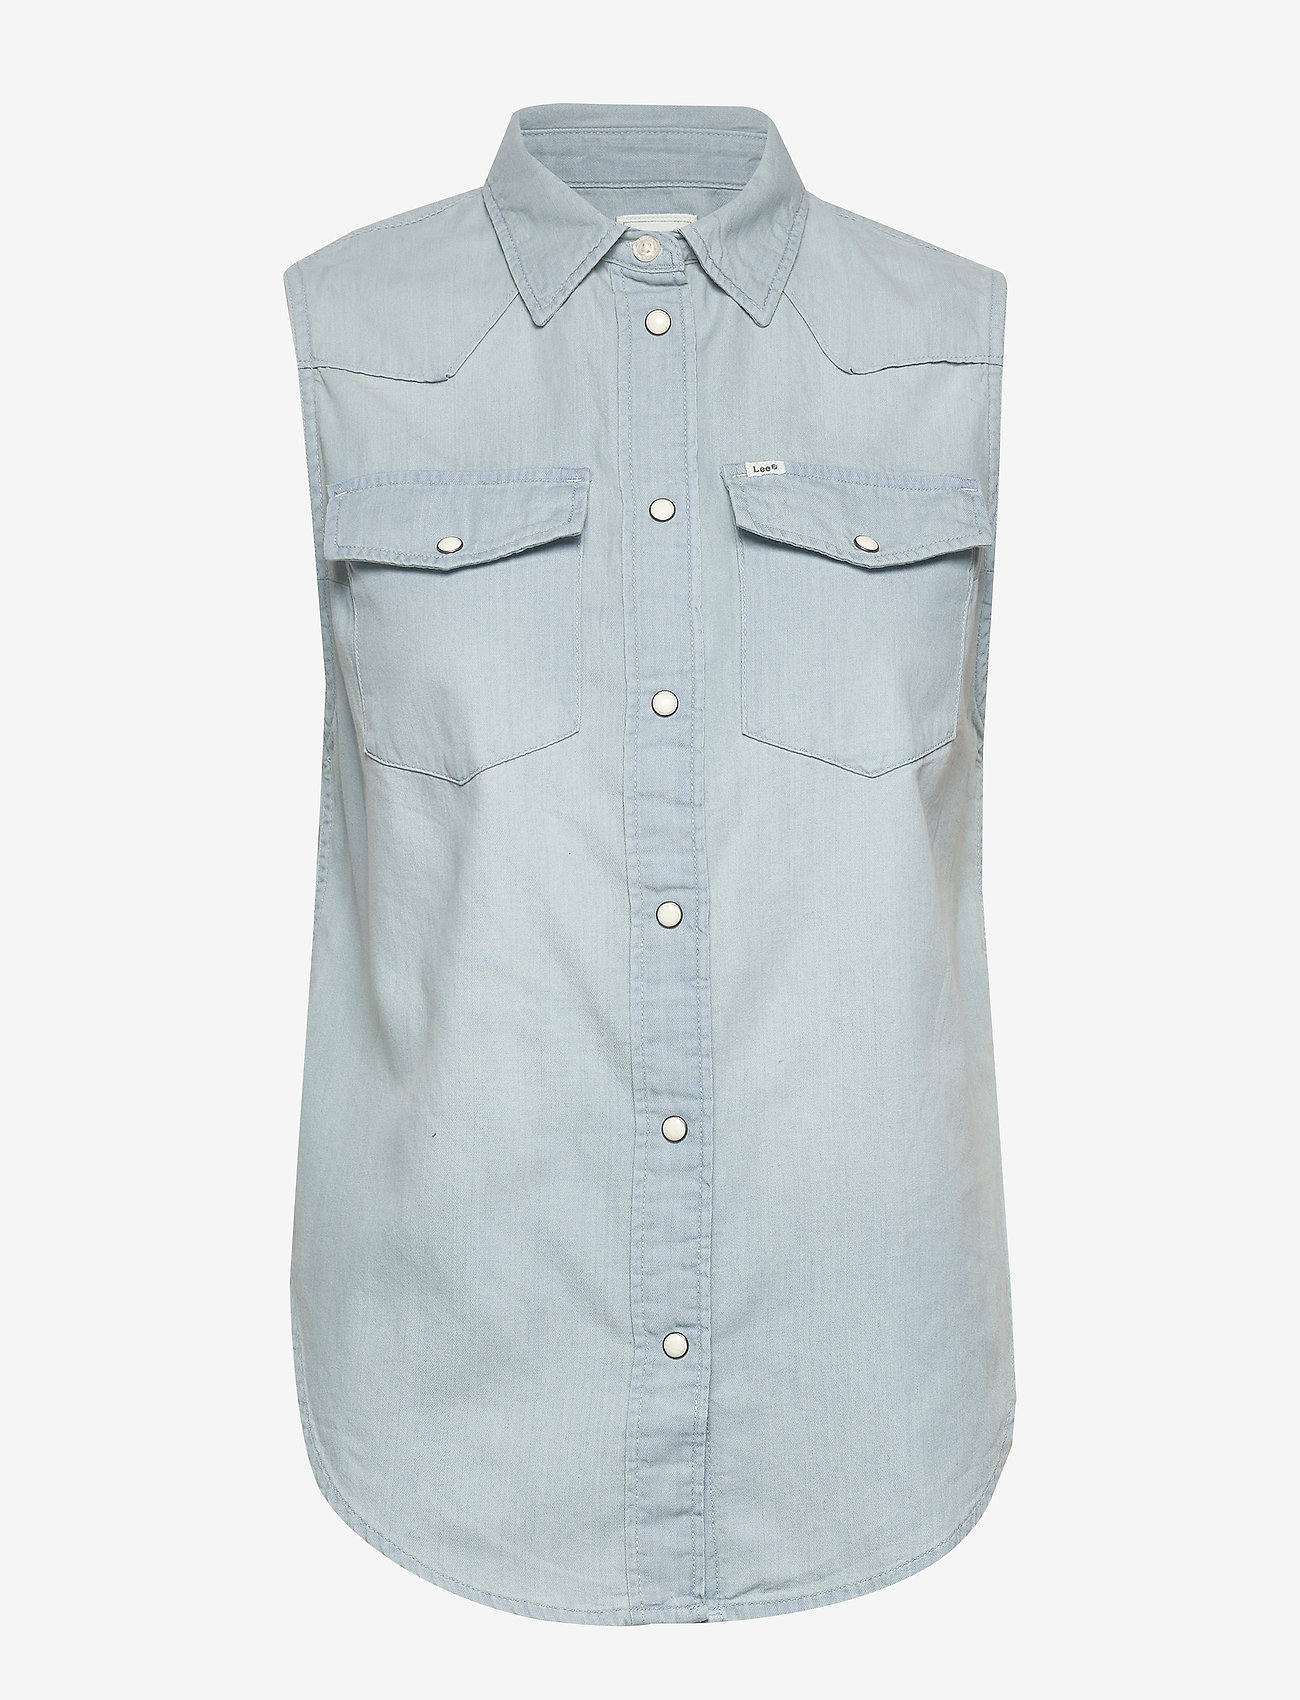 Lee Jeans - SLEEVELESS SHIRT - jeansowe koszule - sterling blue - 0